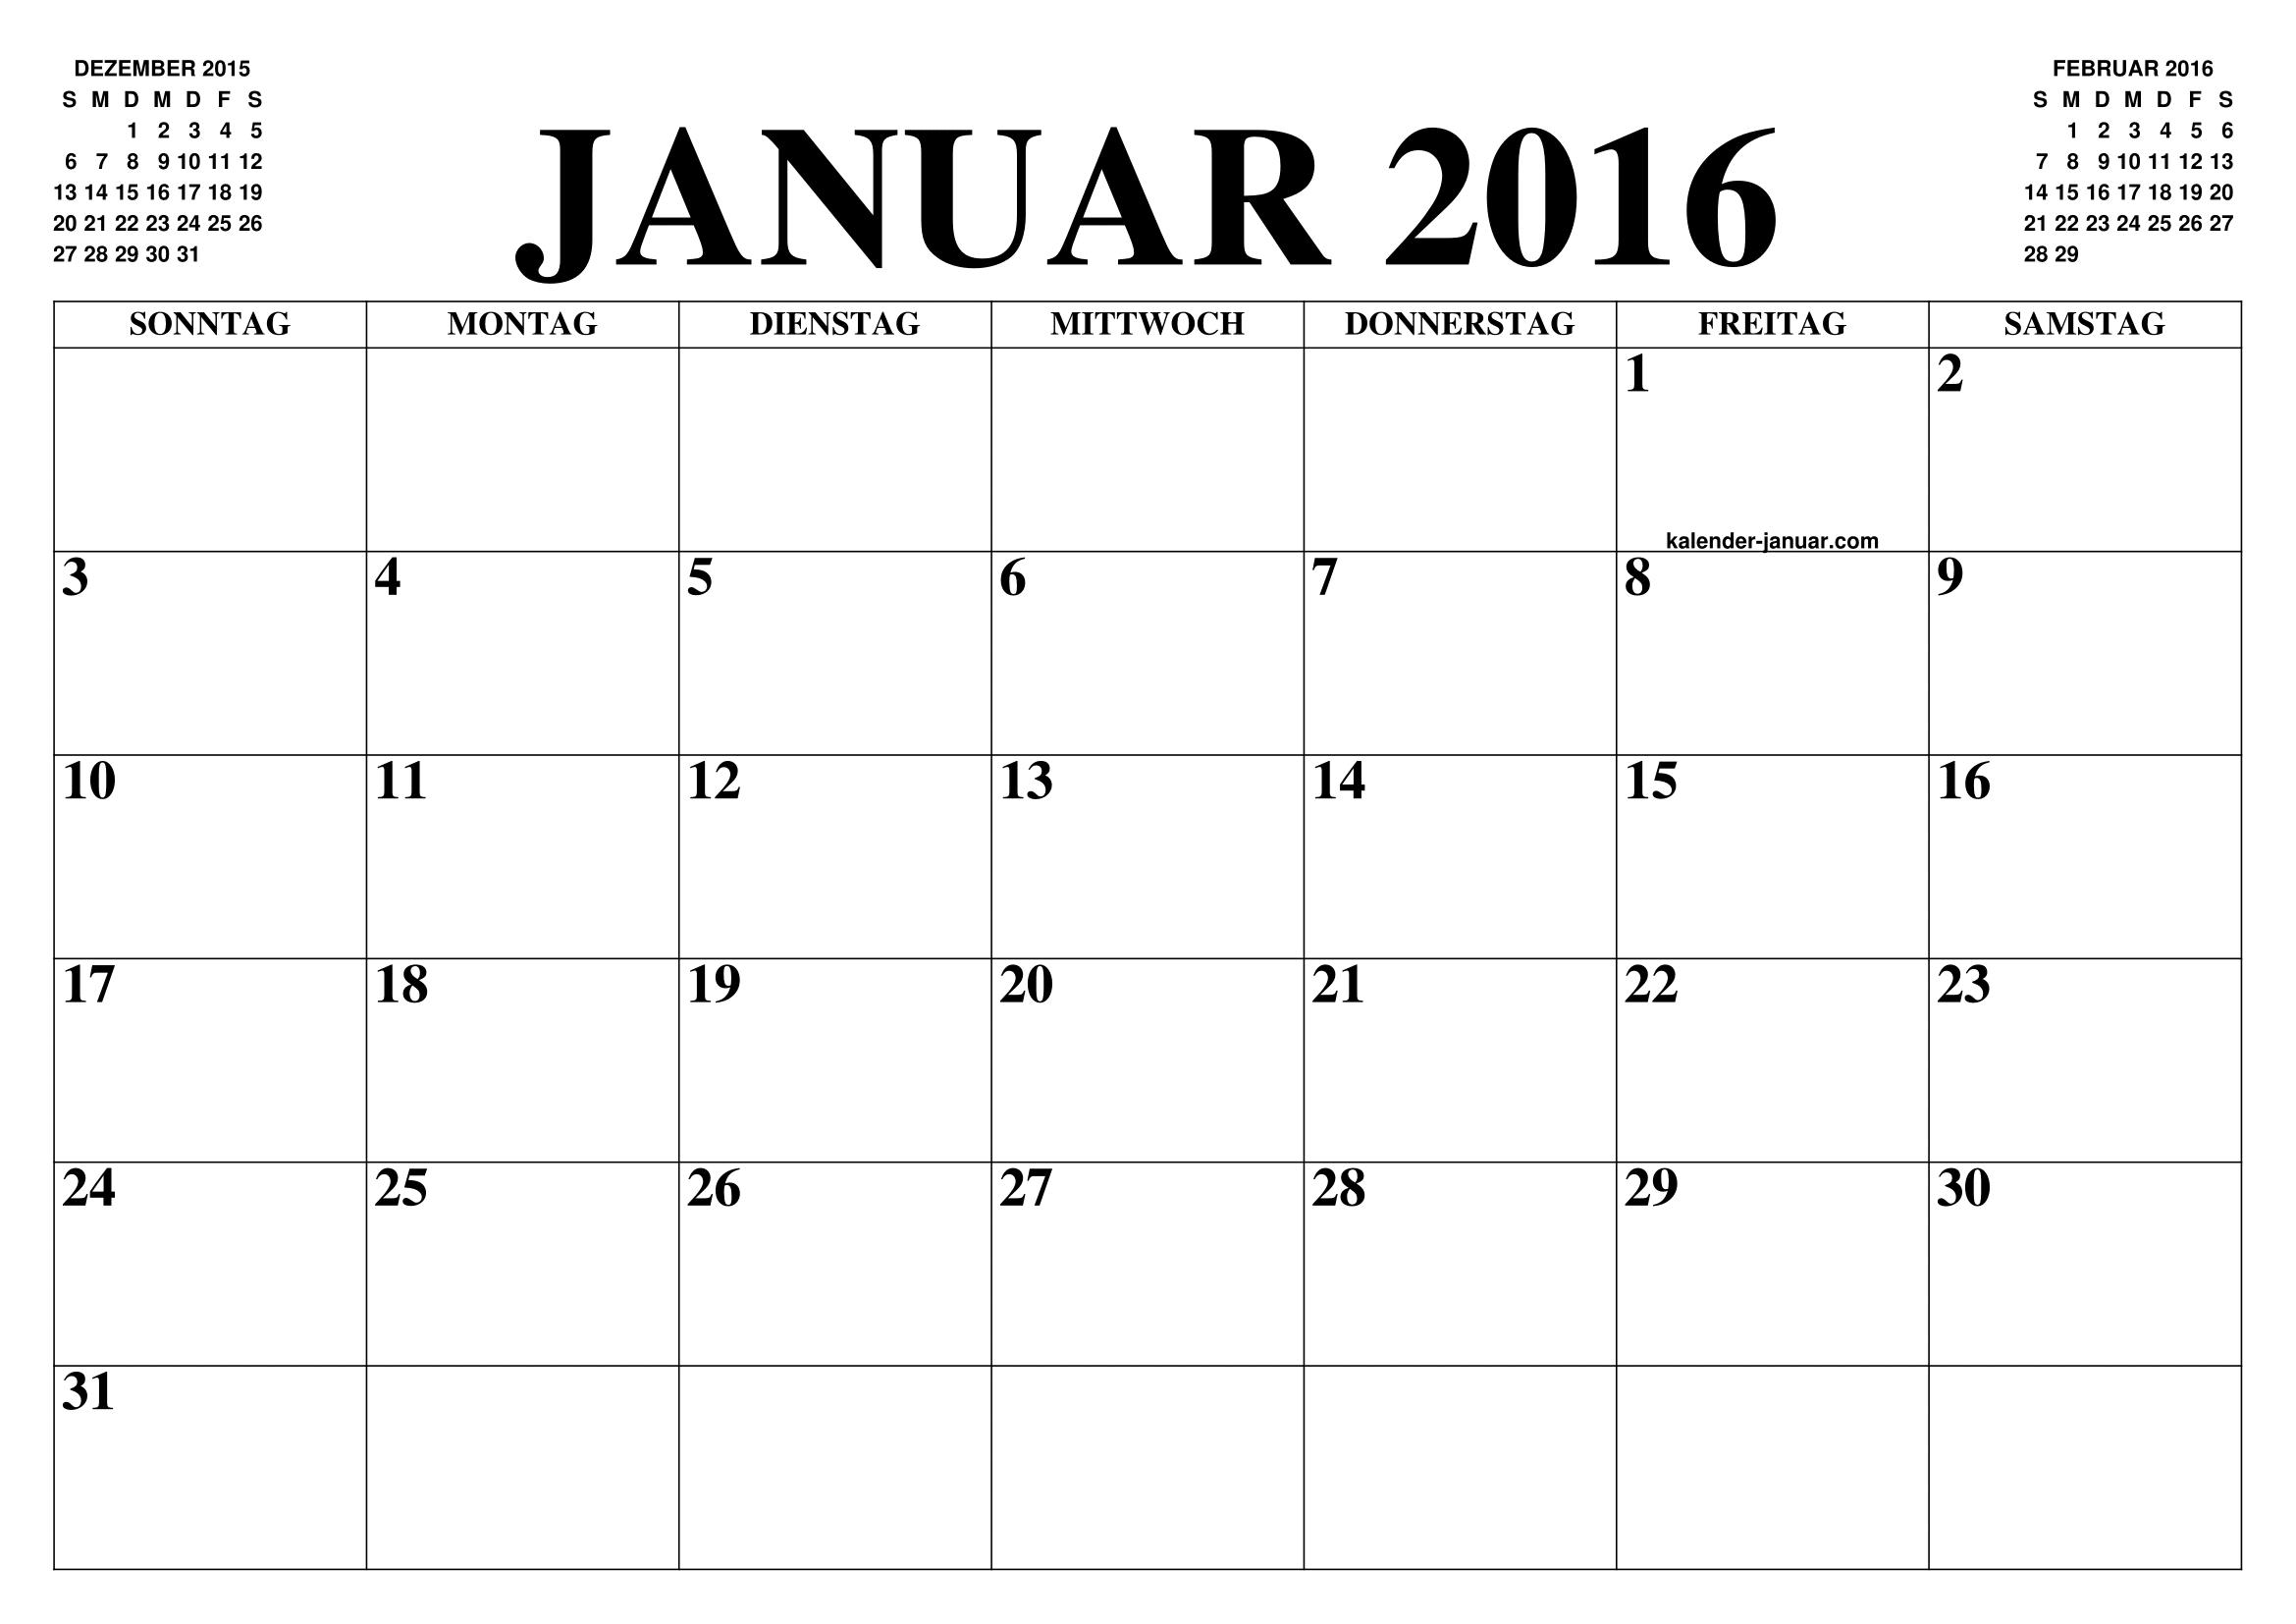 kalender januar 2016 januar kalender zum ausdrucken gratis monat und jahr agenda. Black Bedroom Furniture Sets. Home Design Ideas